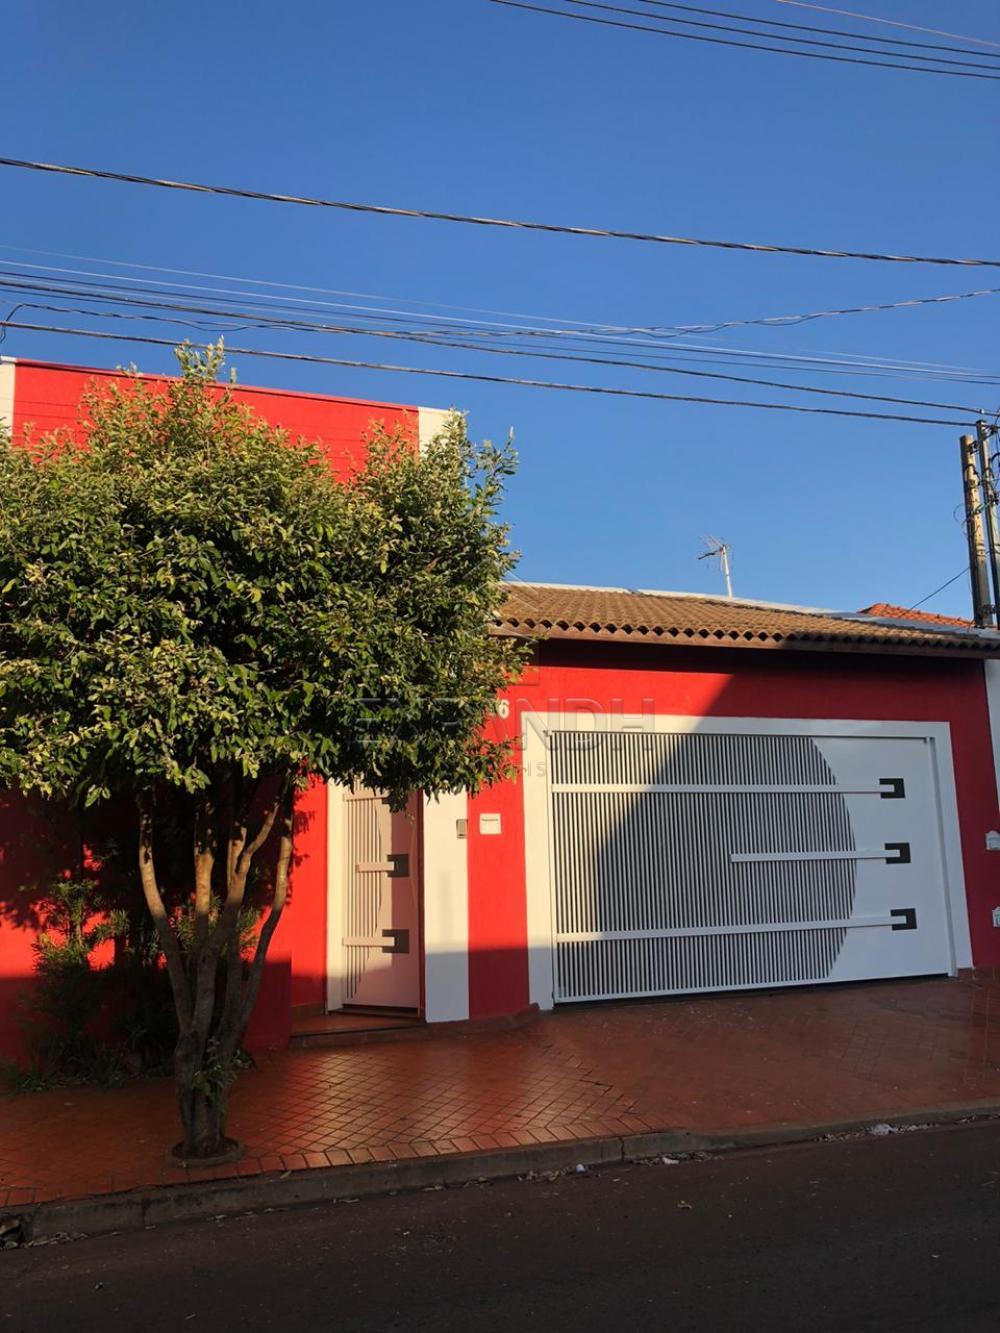 Alugar Casas / Padrão em Sertãozinho R$ 1.250,00 - Foto 1